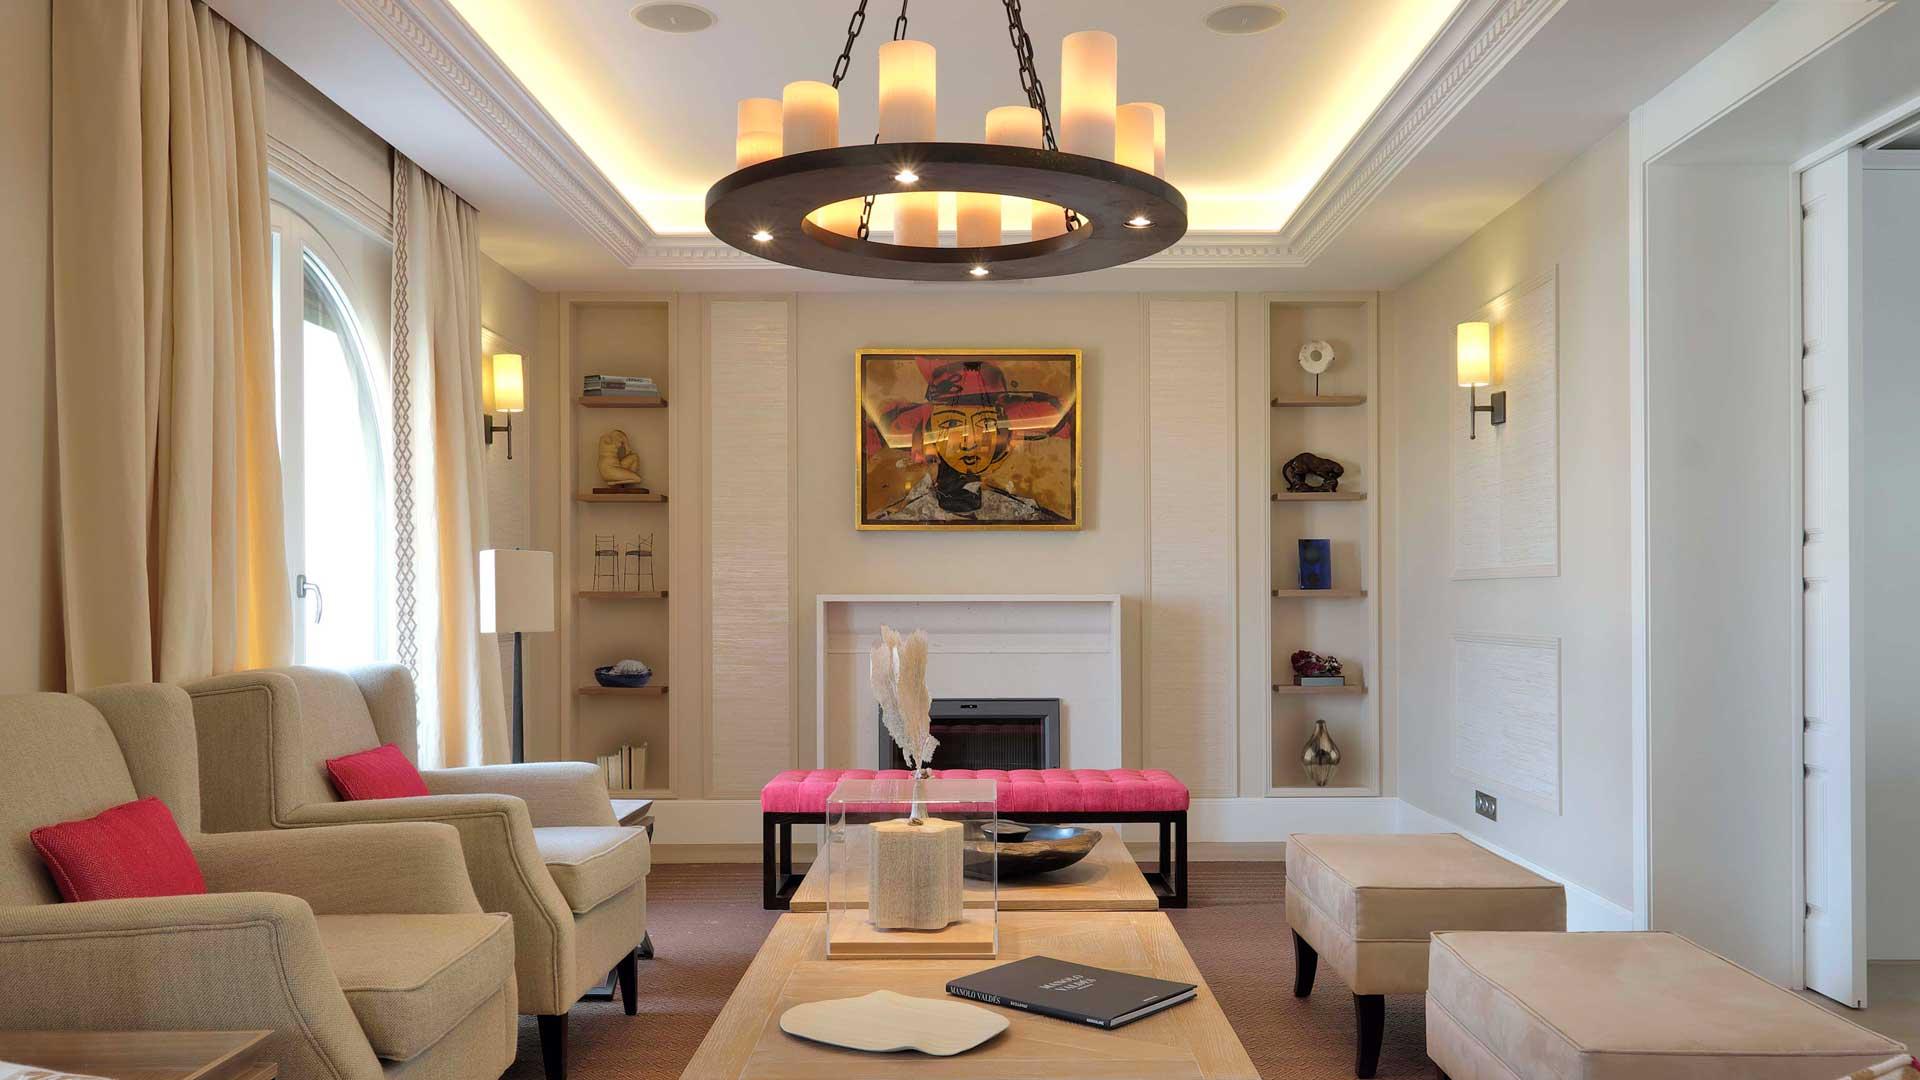 MADRID-FAMILY-APARTMENT-01-Dome-interior-design-Geneve-Suisse